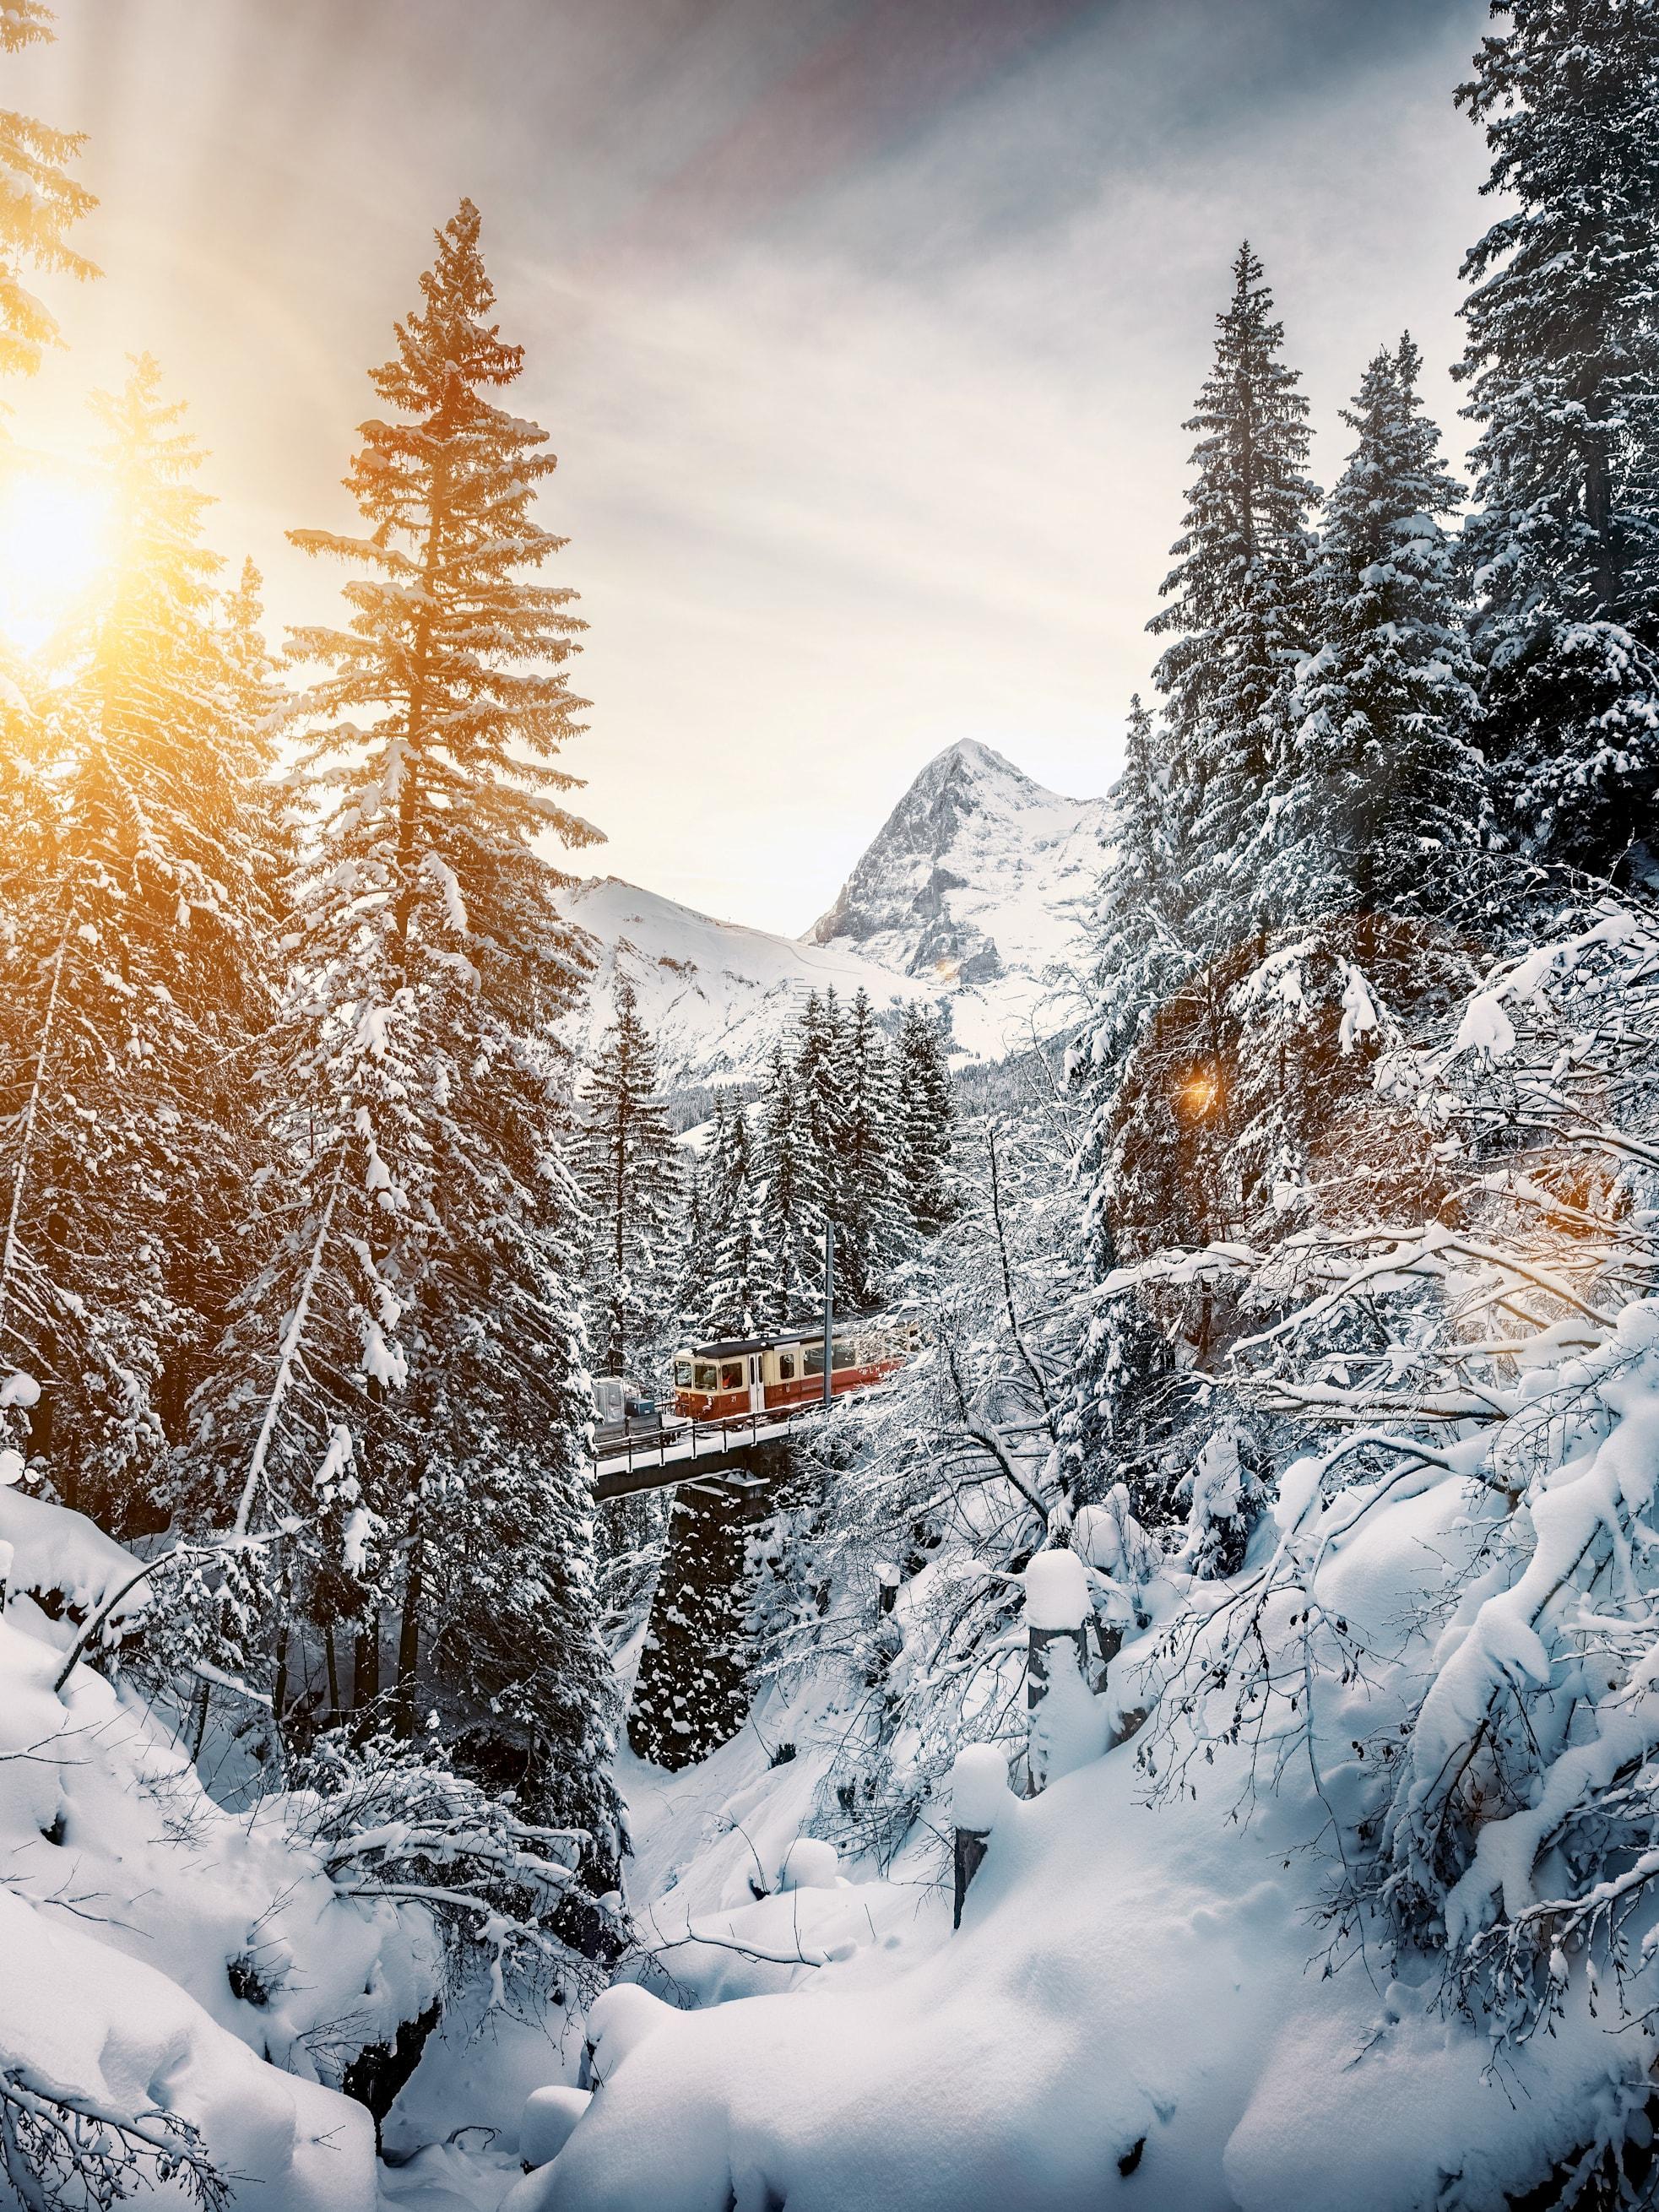 Bergbahn lauterbunnen muerren winter